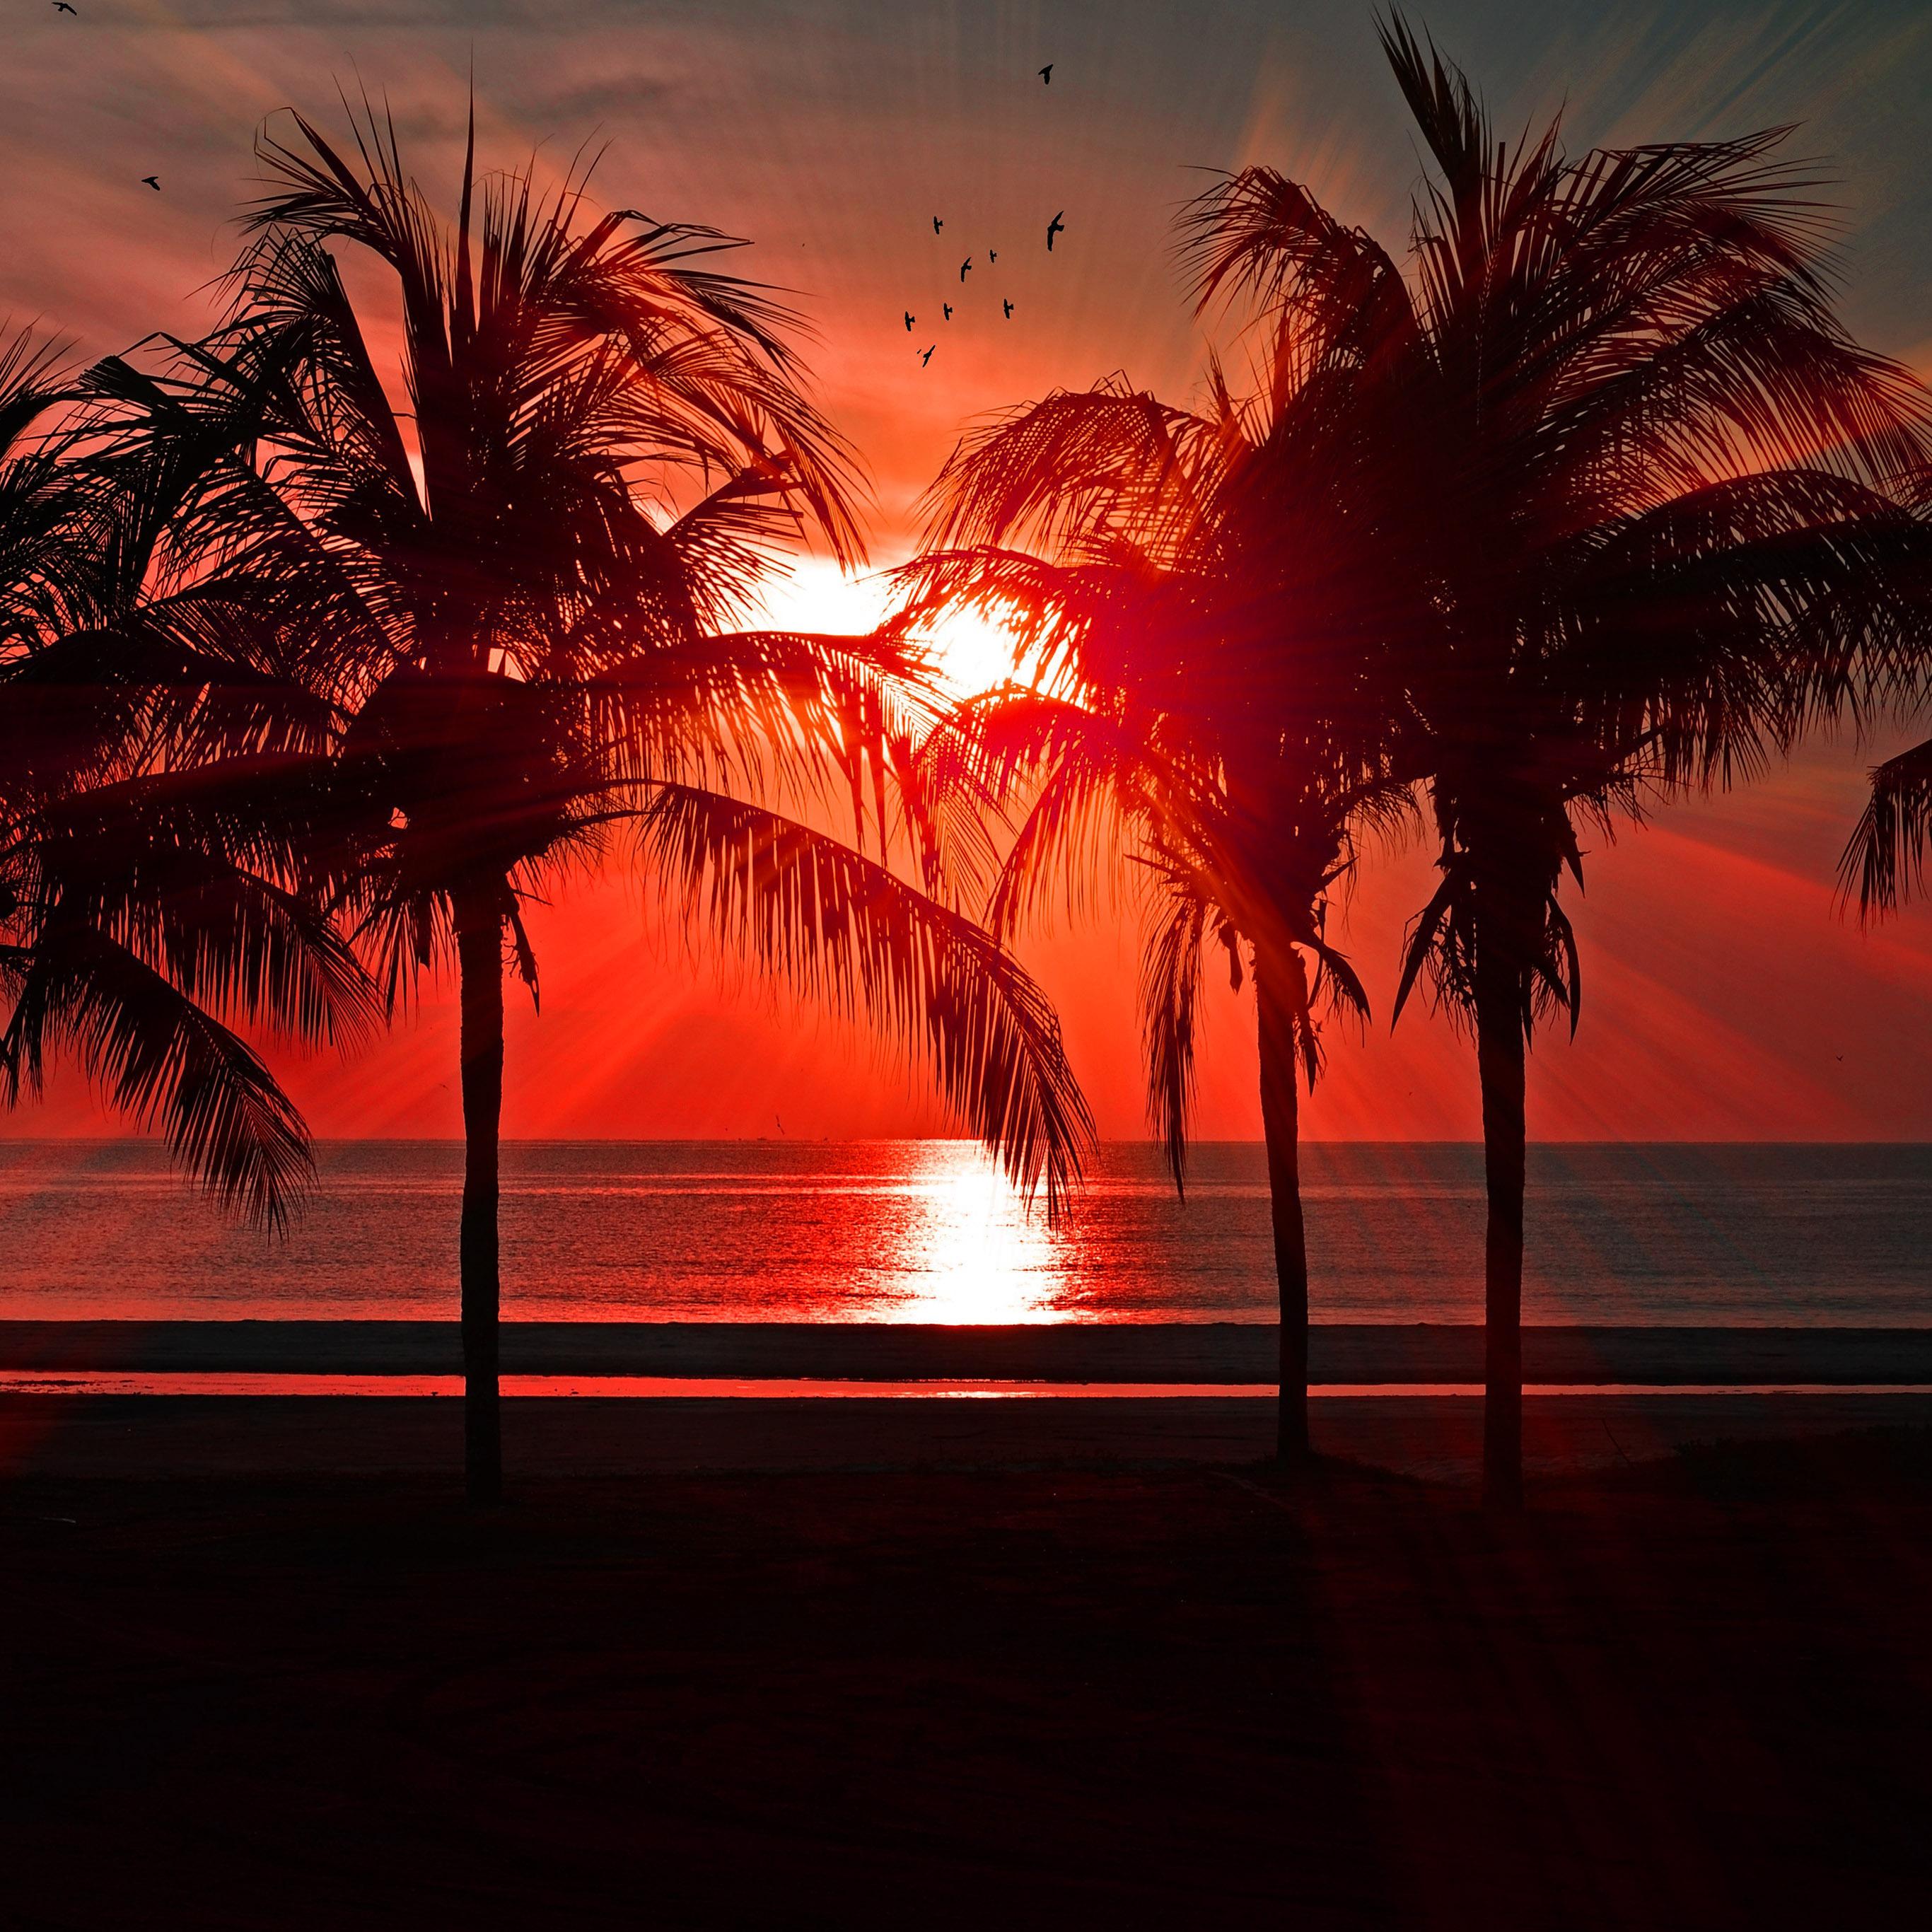 summer wallpaper iphone idownloadblog sunset palm trees